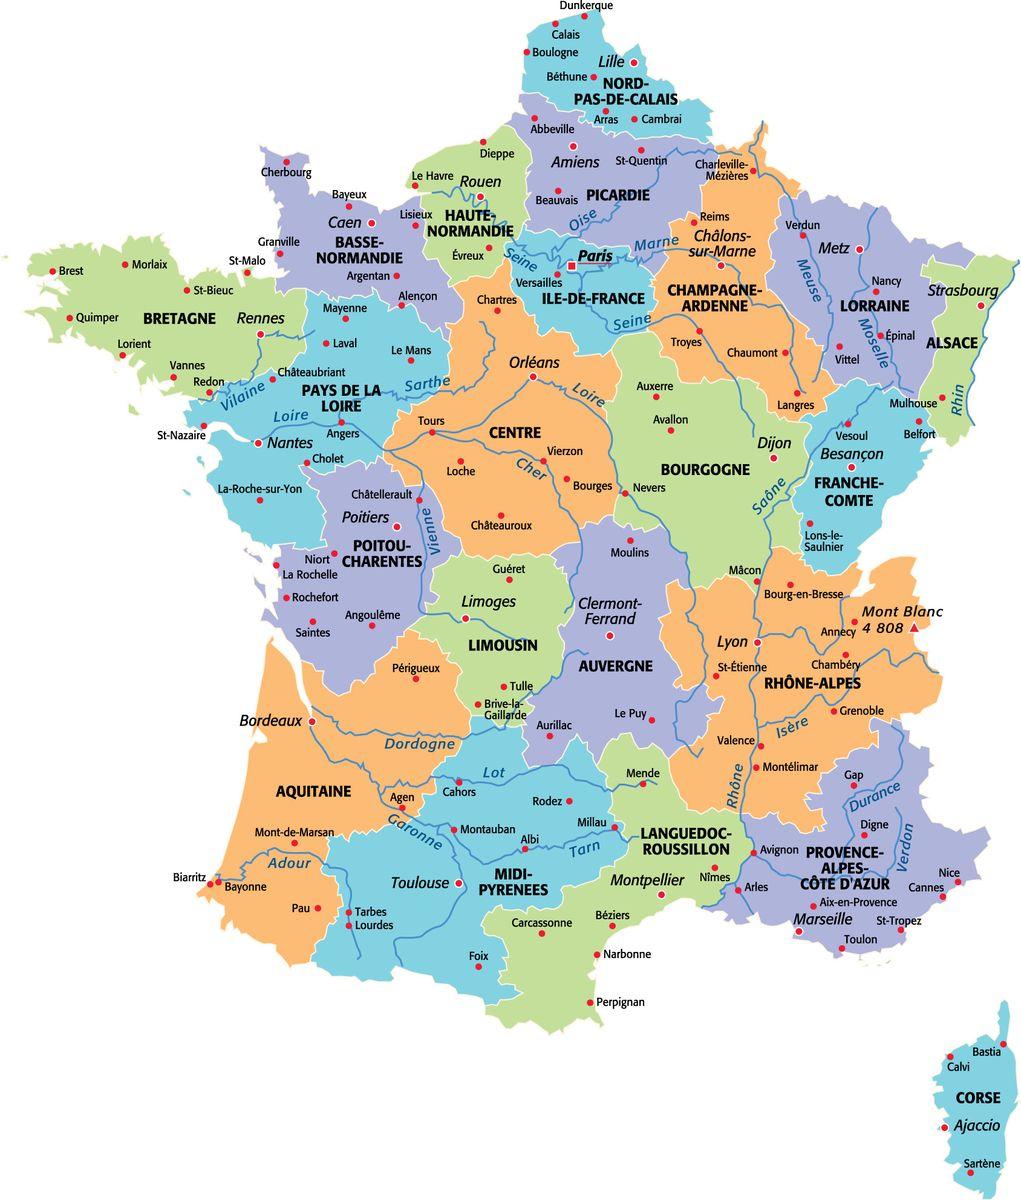 Les cartes de france - Region la plus sure de france ...